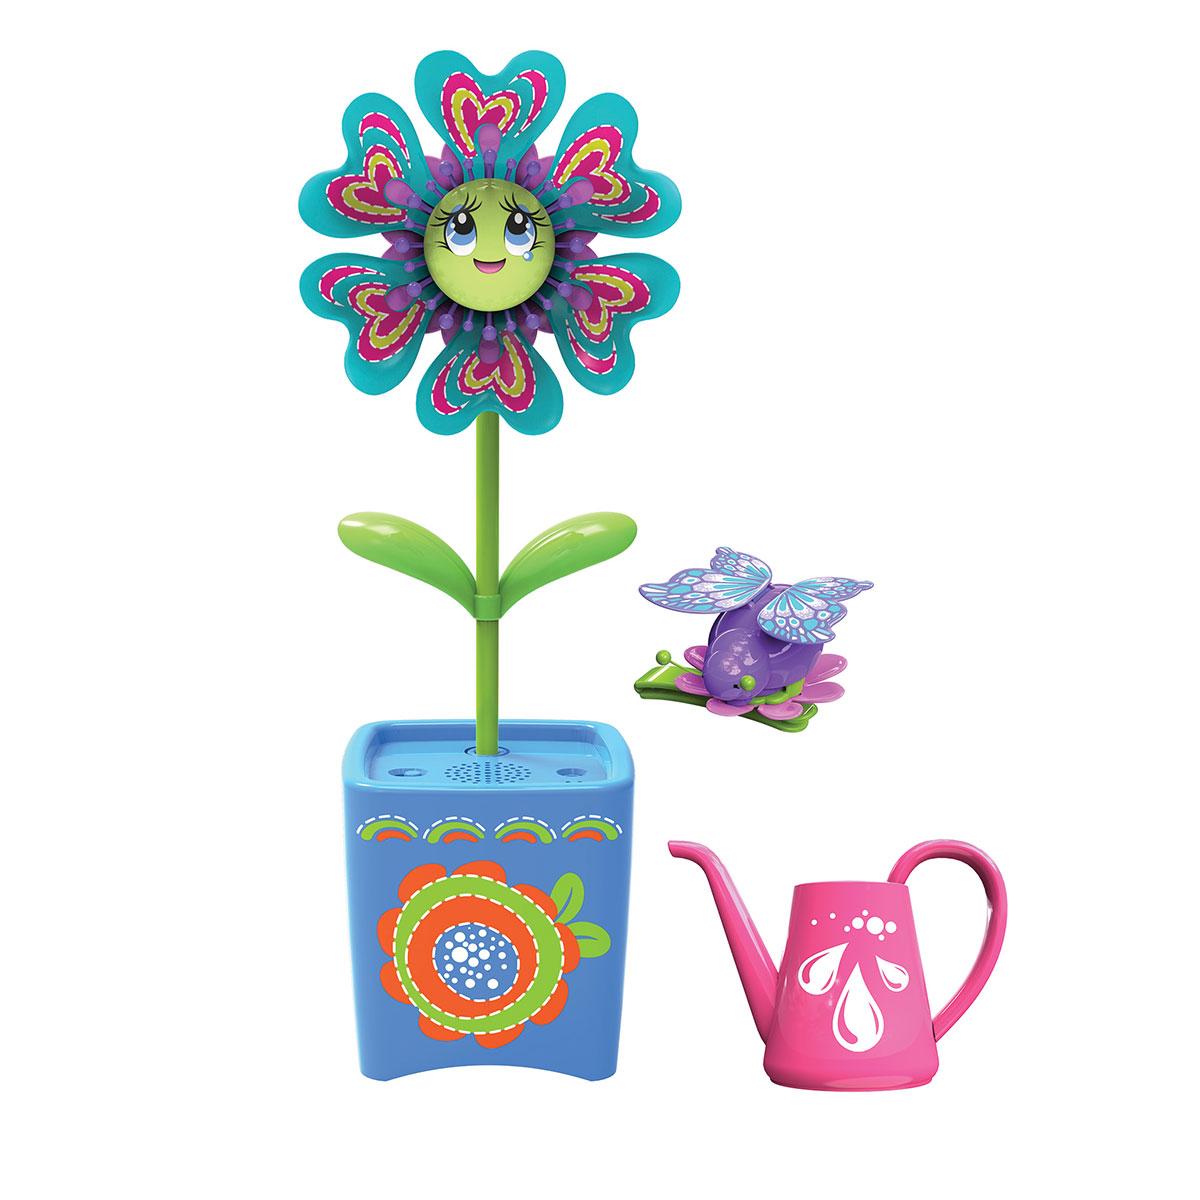 Интерактивная игрушка - Волшебный цветок с заколкой для волос и волшебным жучком